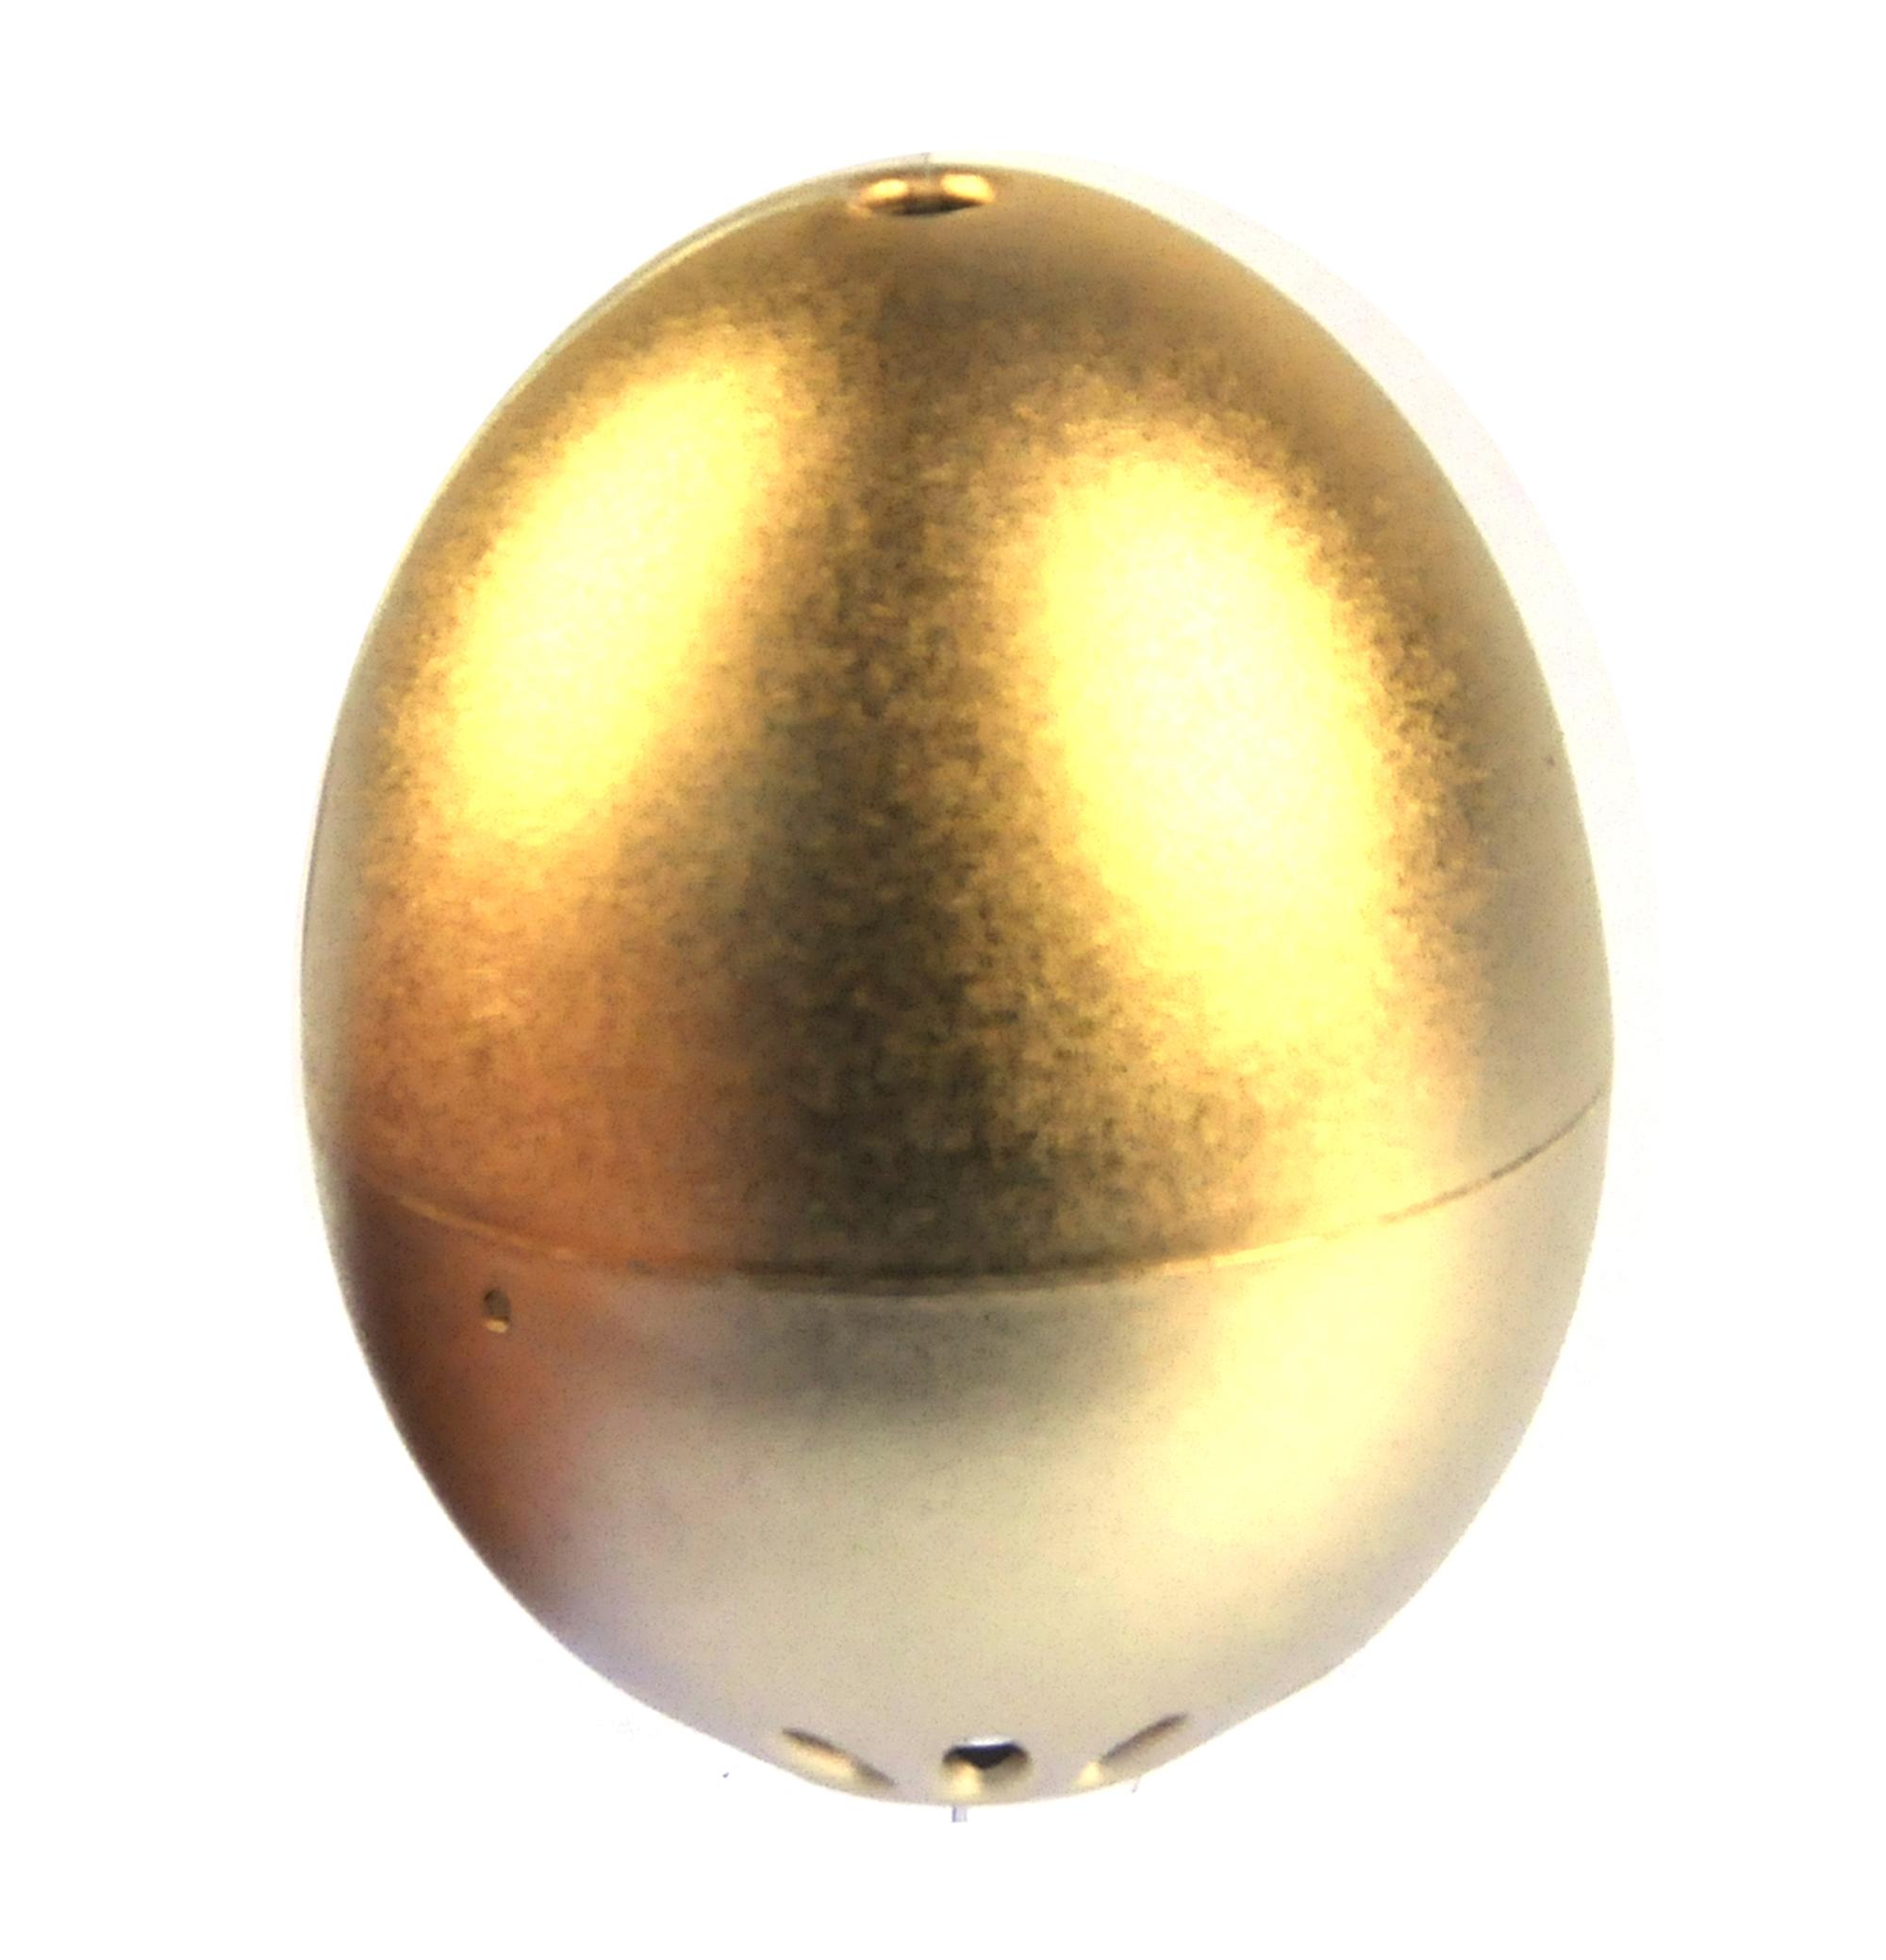 Golden egg photo